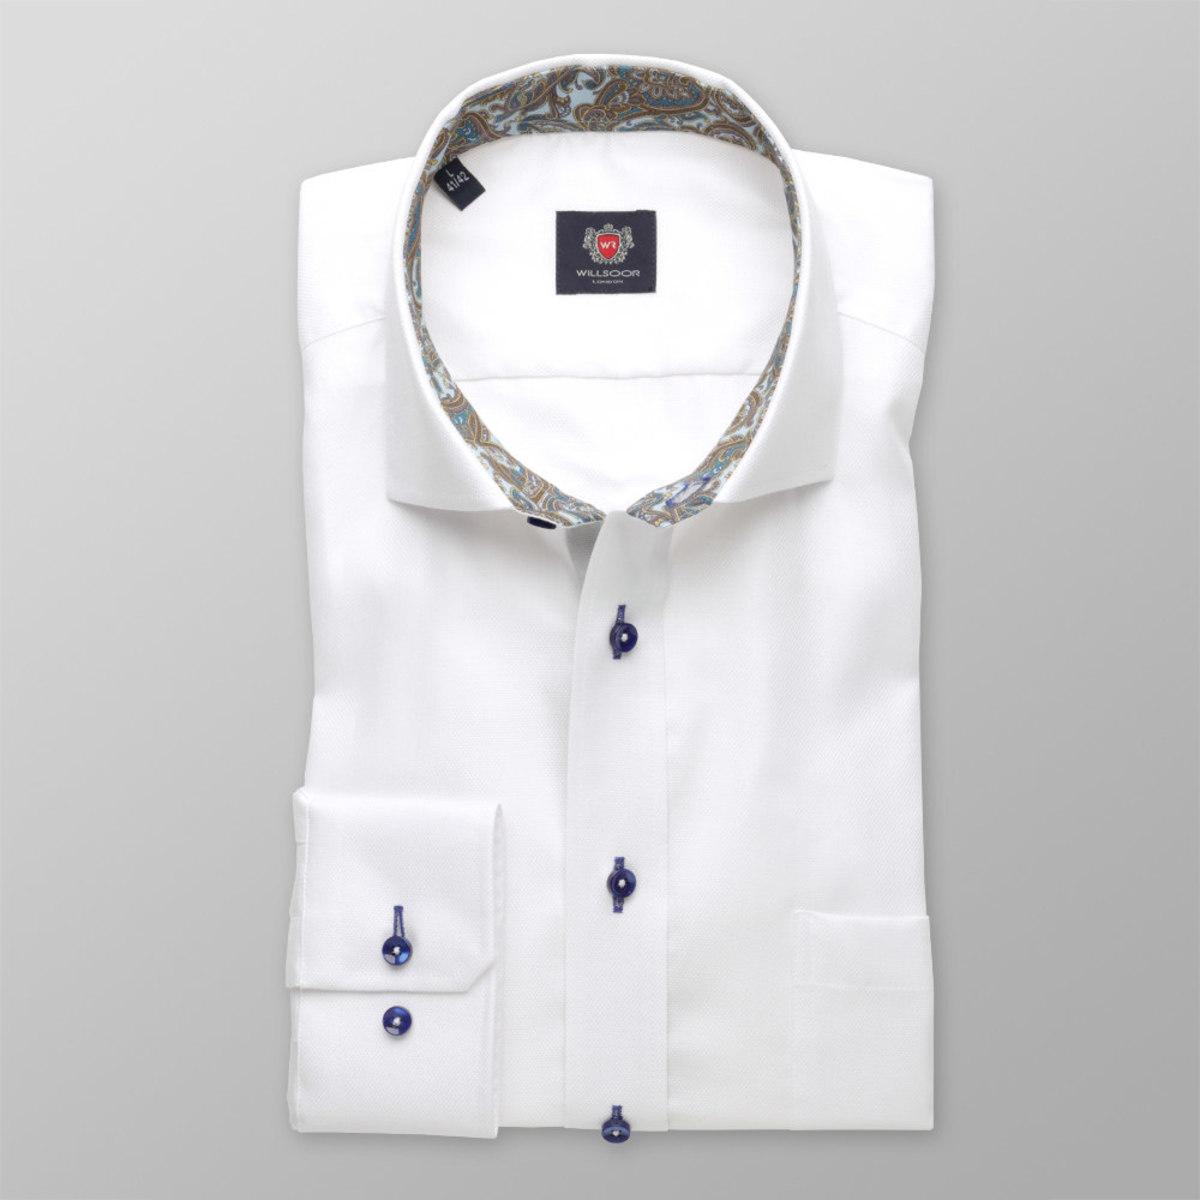 Pánska klasická košeľa London (výška 176-182) 8395 v biele farbe 176-182 / XL (43/44)